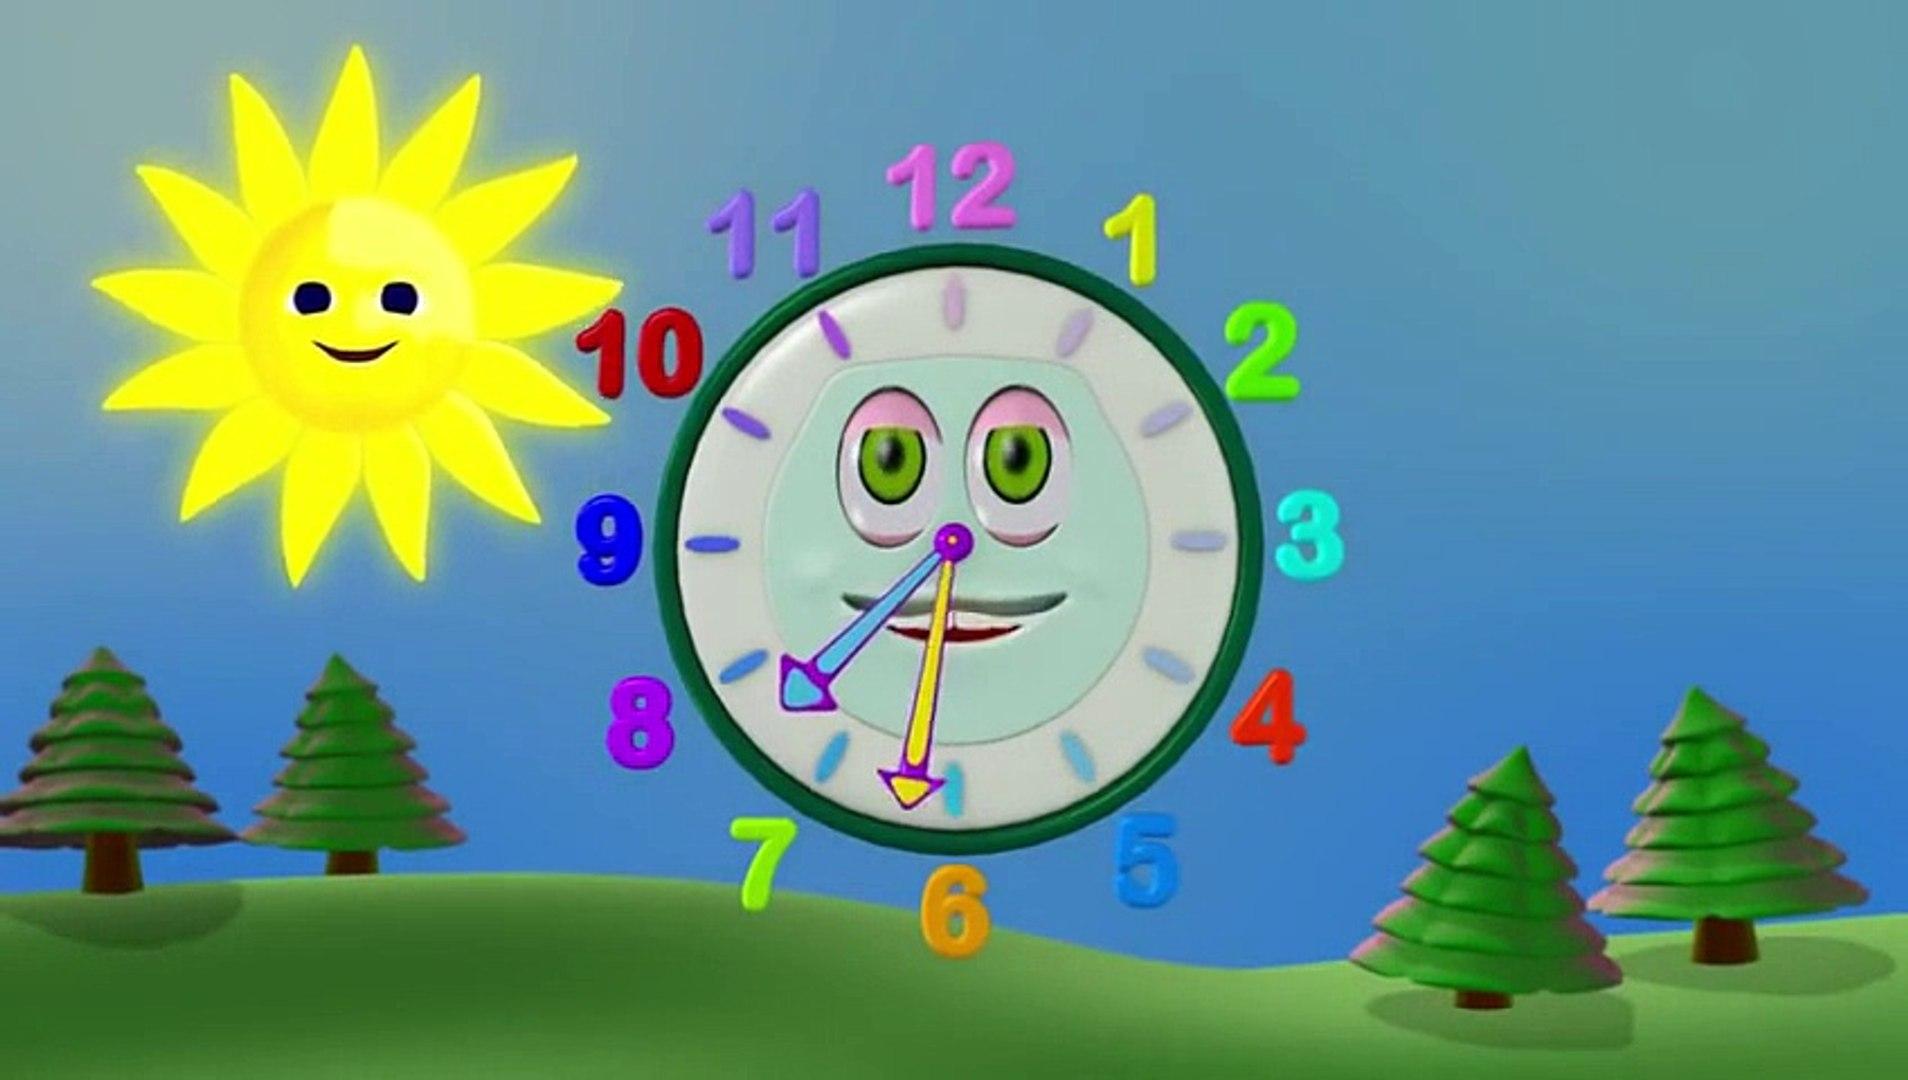 Zeemzoom - Çizgi film - Sevimli guguk saati çocuklara saati öğretiyor Çizgi Film izle - An